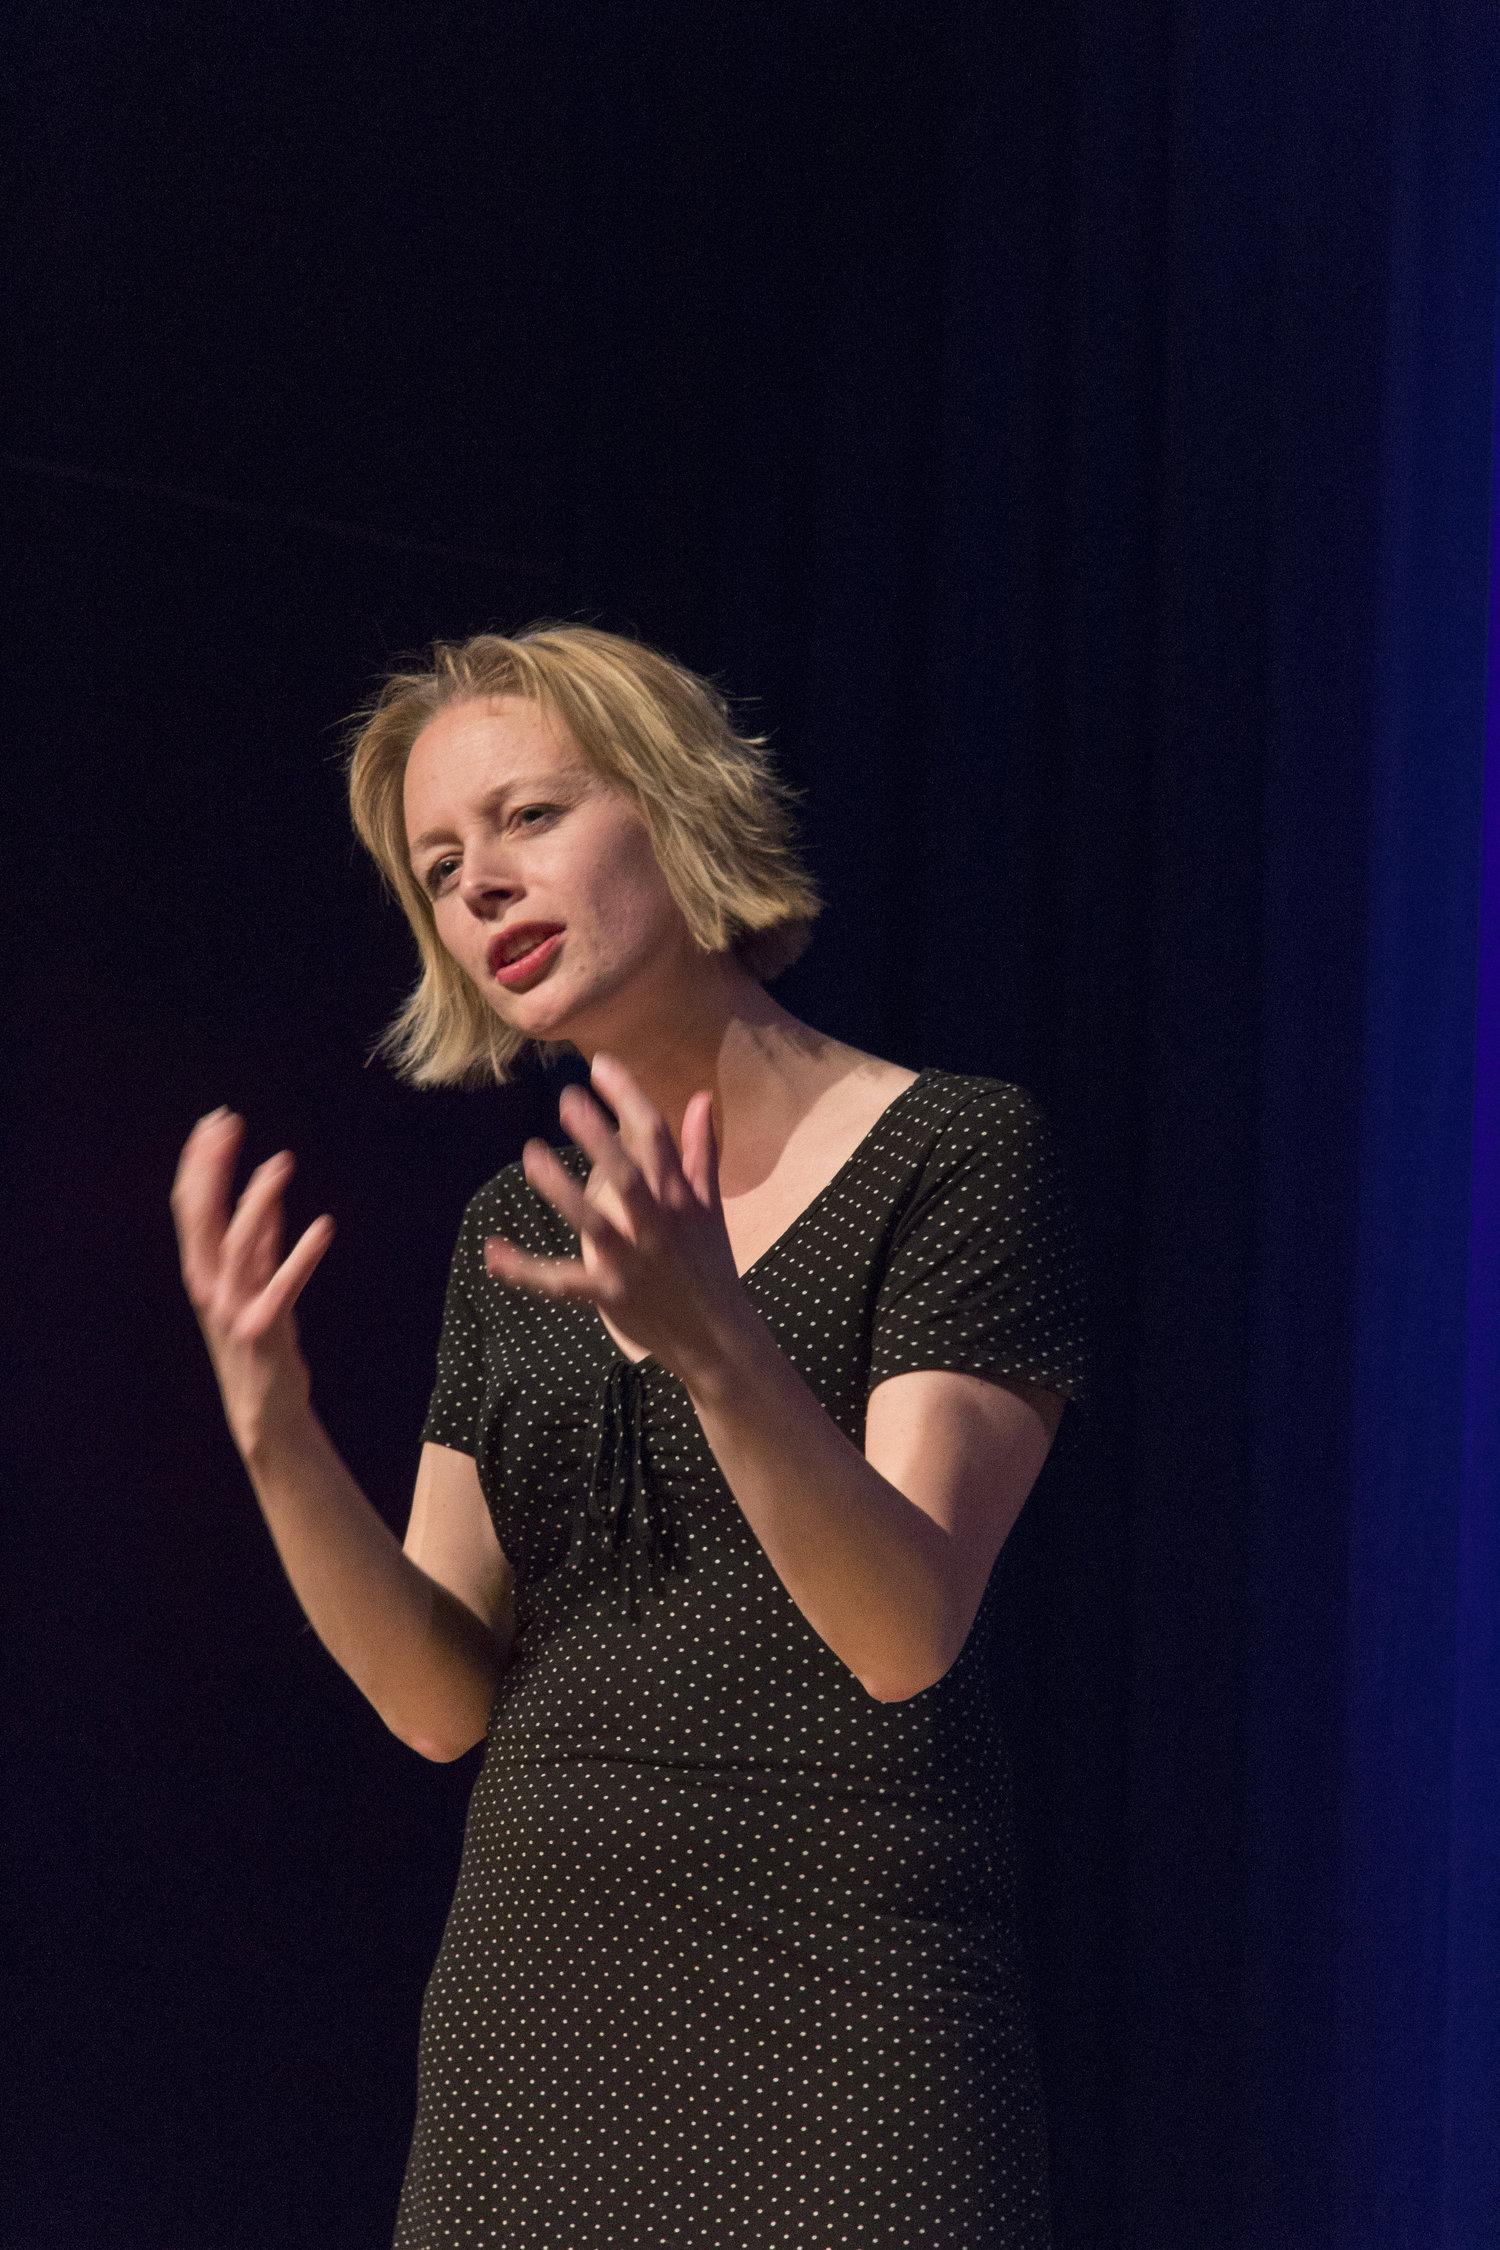 Copy of Laura Doorneweerd-Perry (Netherlands)